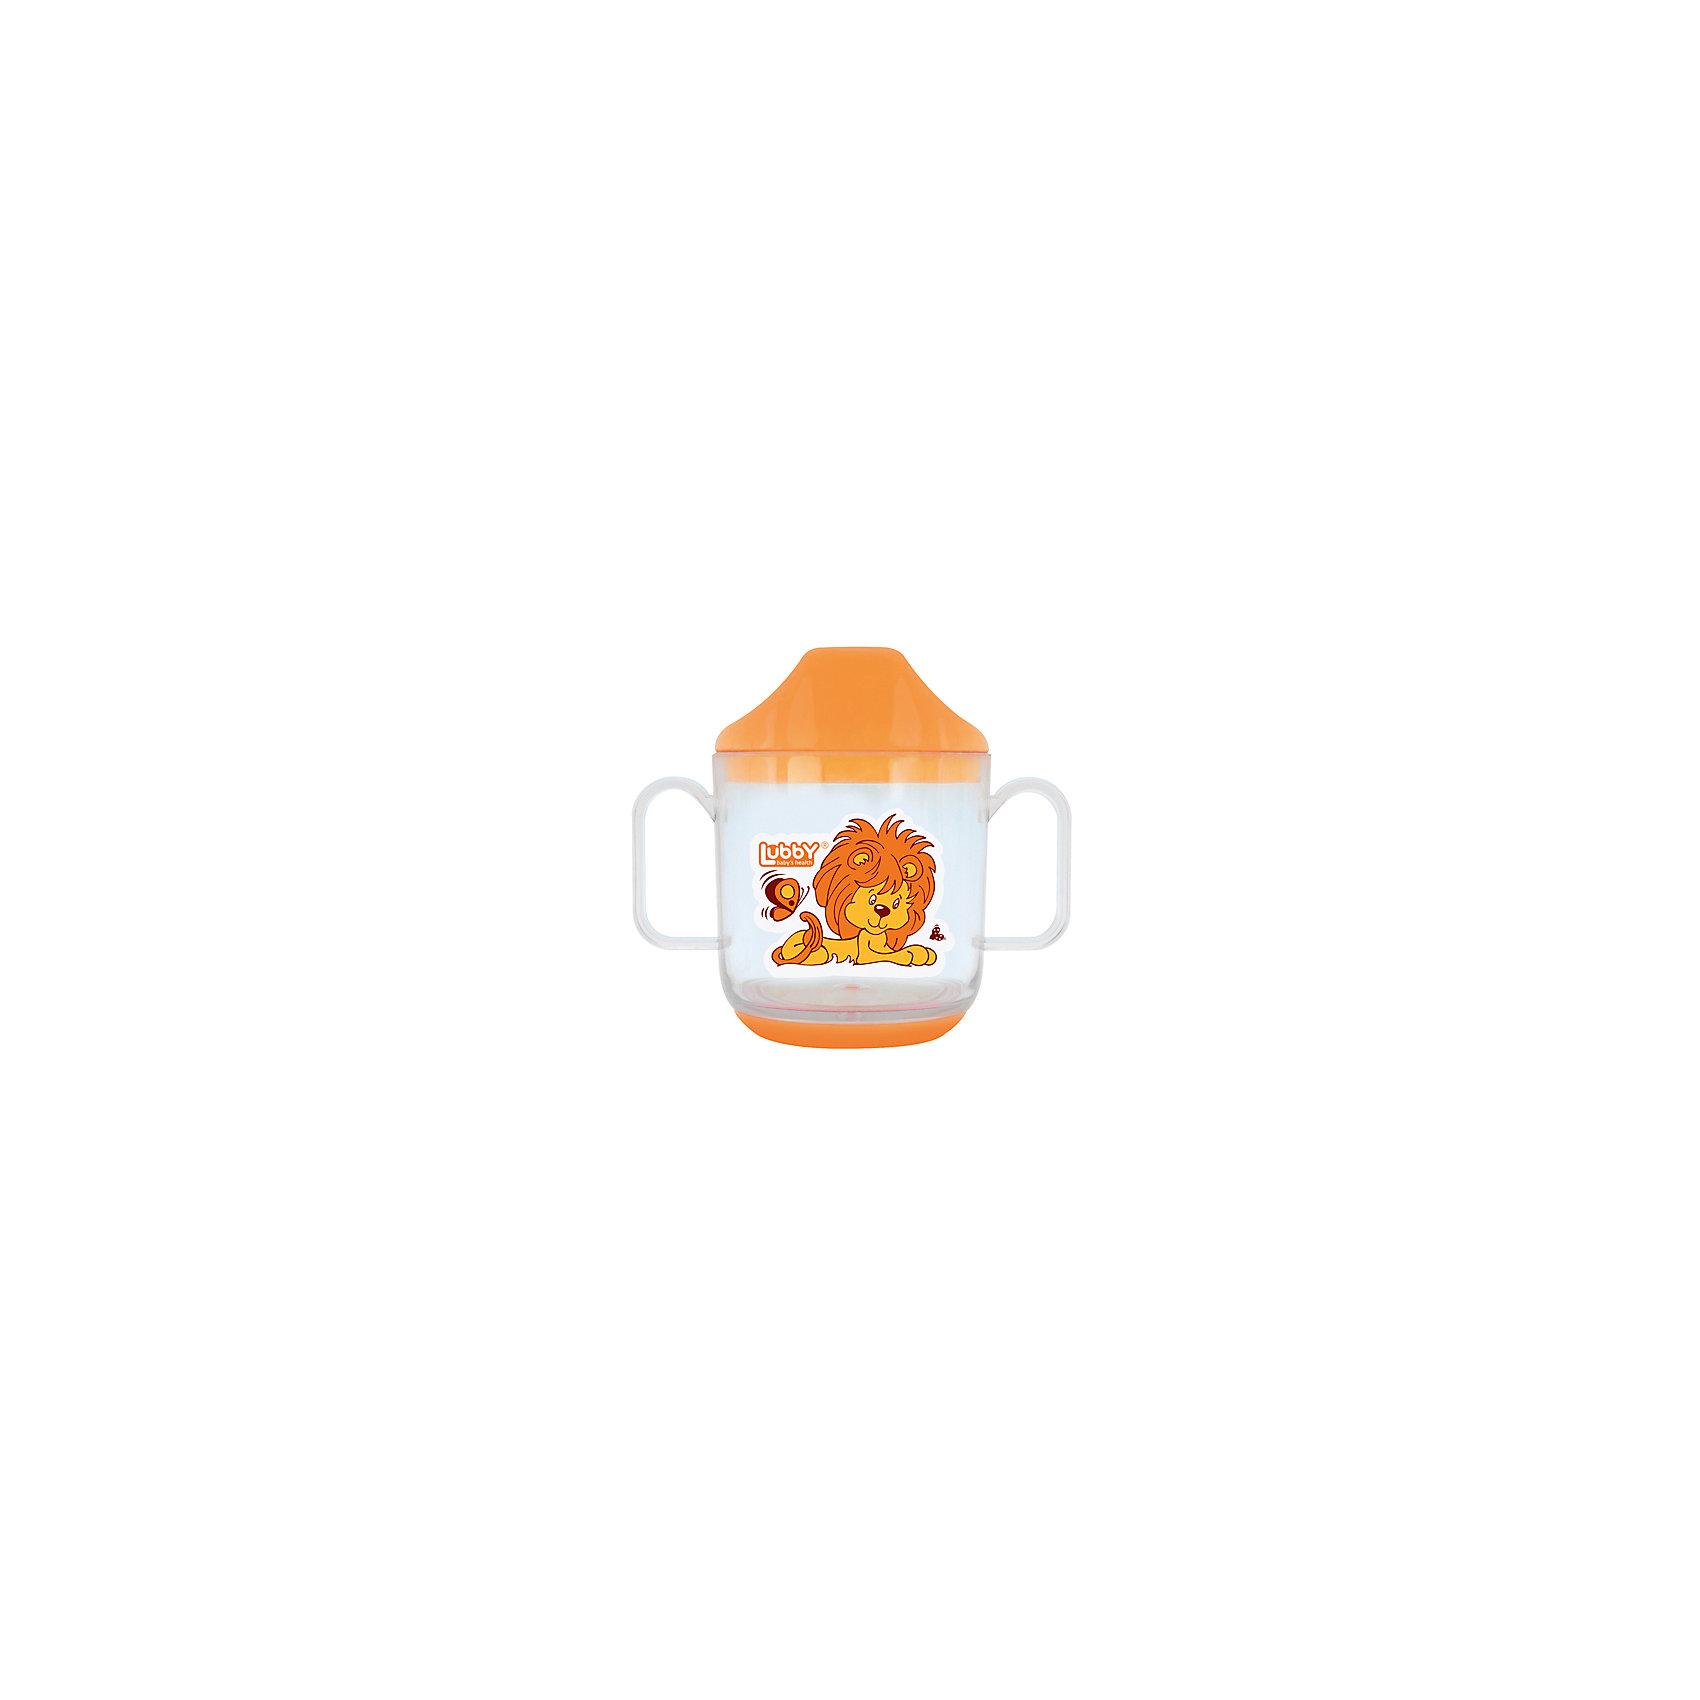 Кружка-поильник Веселые животные от 6 мес. 150 мл., LUBBY, оранжевыйПоильники<br>Кружка-поильник Веселые животные от 6 мес. 150 мл., LUBBY, оранжевый.<br><br>Характеристики:<br><br>- Объем: 150 мл.<br>- Цвет: оранжевый<br>- Высота: 9,5 см.<br>- Диаметр: 7,5 см.<br>- Материал: кружка - стиролакрилонитрил, крышка - полипропилен, дно - безопасный пластик (ABS)<br>- Не содержит бисфенол-А<br>- Размер упаковки: 14x7x19 см.<br>- Срок службы: 1 год<br>- Уход: Перед каждым использованием кружку-поильник необходимо мыть теплой водой с мылом, тщательно ополаскивать<br><br>Эргономичная кружка-поильник «Веселые животные» поможет вашему малышу легко обучиться навыкам питья из чашки. Специальная крышечка имеет носик, который превращает кружку в поильник. Шкала на кружке позволит точно отмерить необходимое количество жидкости. Кружка дополнена удобными ручками, благодаря которым малыш может удерживать ее самостоятельно. Кружка-поильник имеет широкое устойчивое основание, защищающее ее от опрокидывания. Изделие выполнено из высококачественных и абсолютно безопасных для здоровья материалов. Забавный рисунок выполнен из красителей, не содержащих опасных веществ.<br><br>Кружку-поильник Веселые животные от 6 мес. 150 мл., LUBBY, оранжевую можно купить в нашем интернет-магазине.<br><br>Ширина мм: 140<br>Глубина мм: 70<br>Высота мм: 190<br>Вес г: 350<br>Возраст от месяцев: 6<br>Возраст до месяцев: 36<br>Пол: Унисекс<br>Возраст: Детский<br>SKU: 5039287